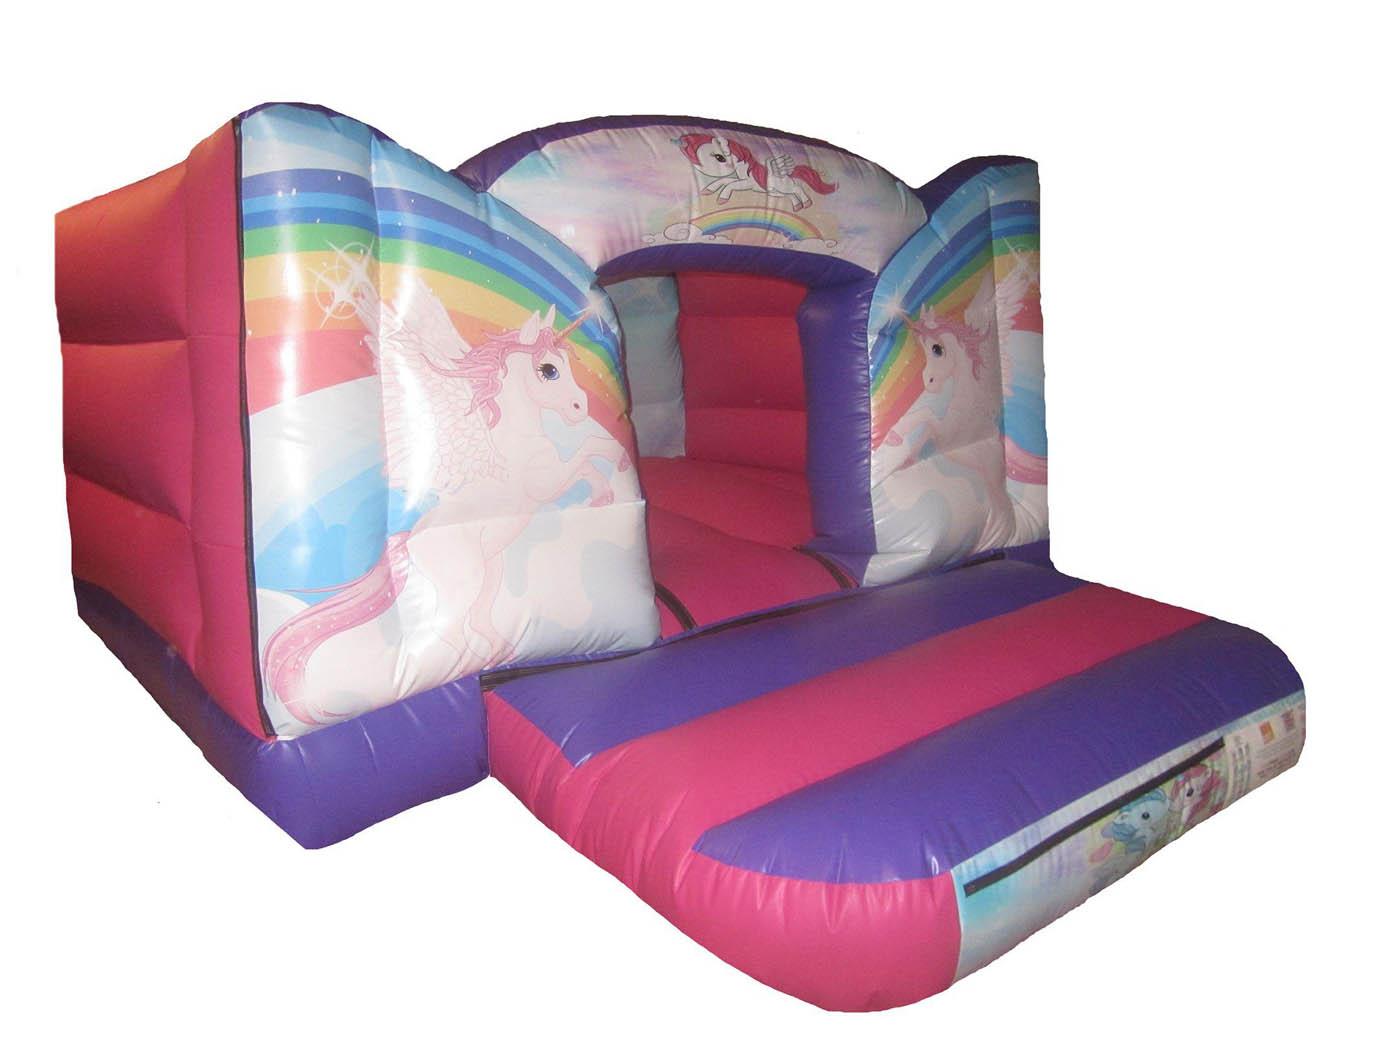 Commercial Unicorn Bouncy Castle for Sale